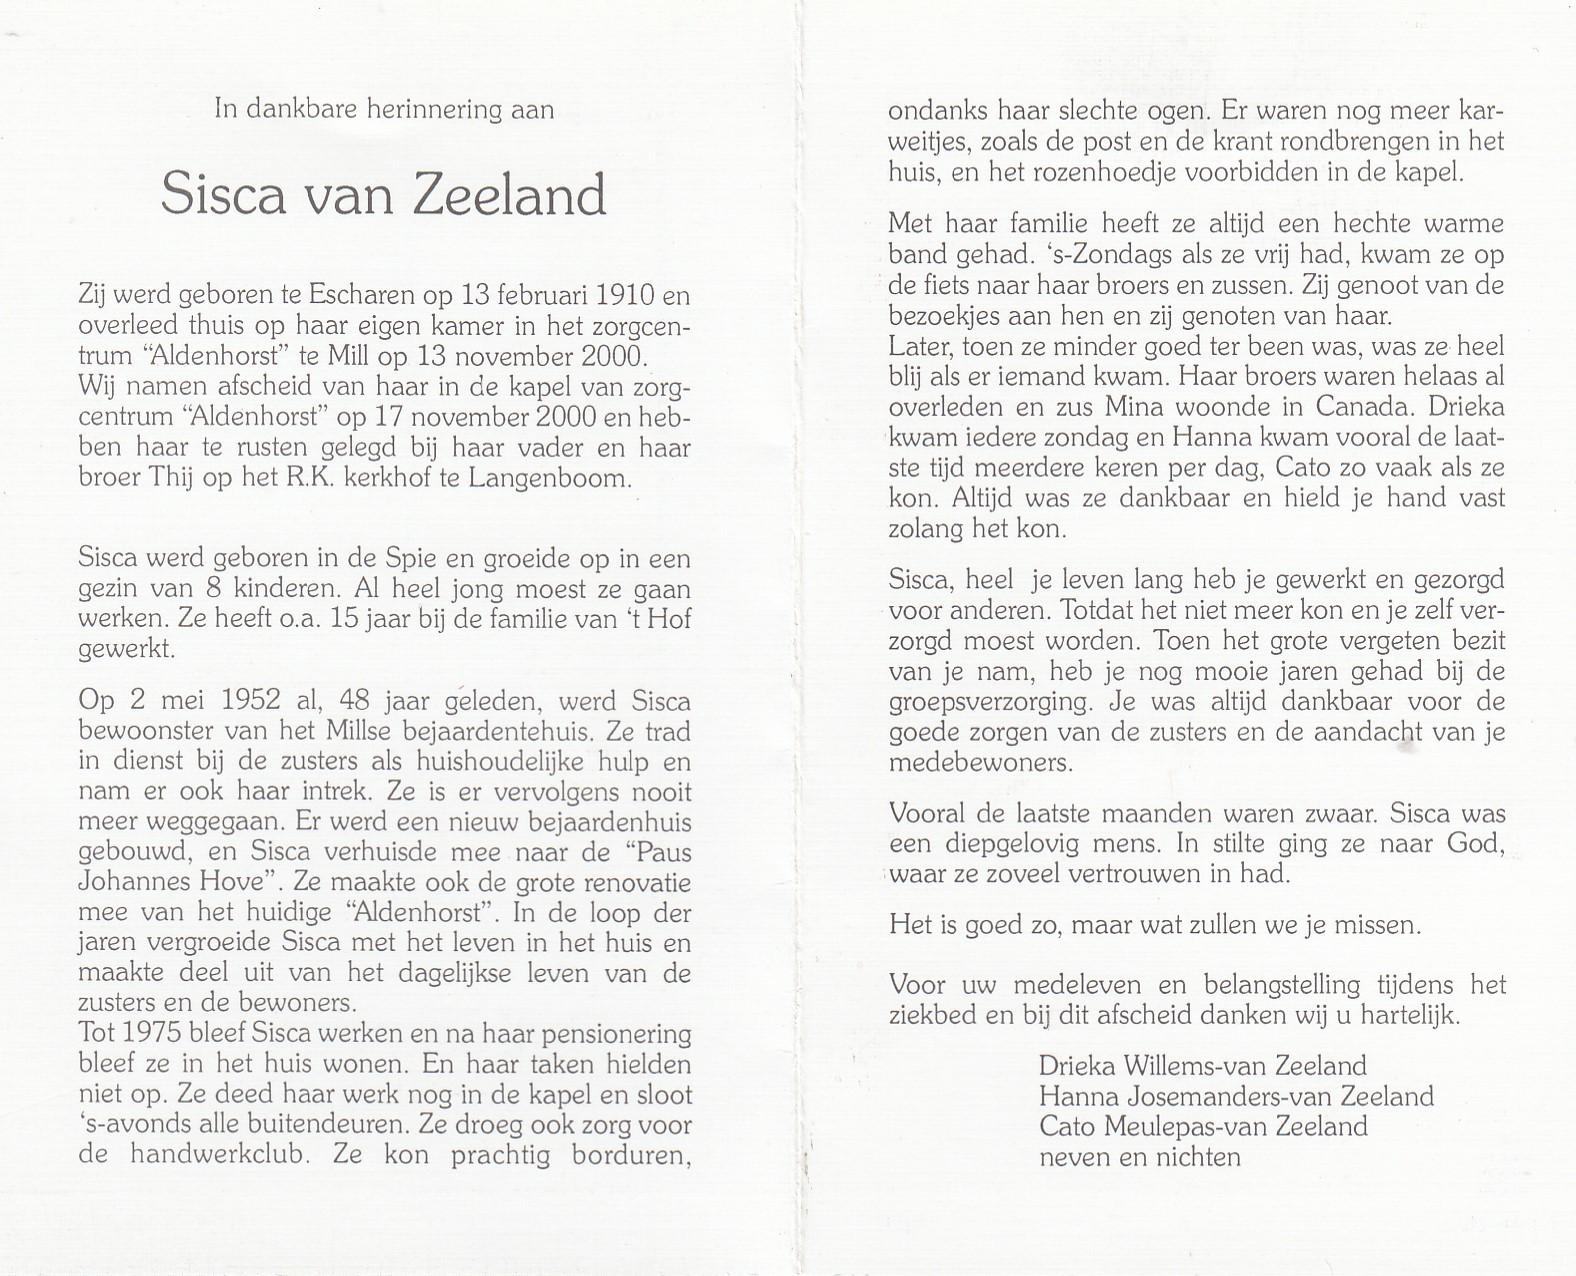 Bidprentje Siscavan Zeeland